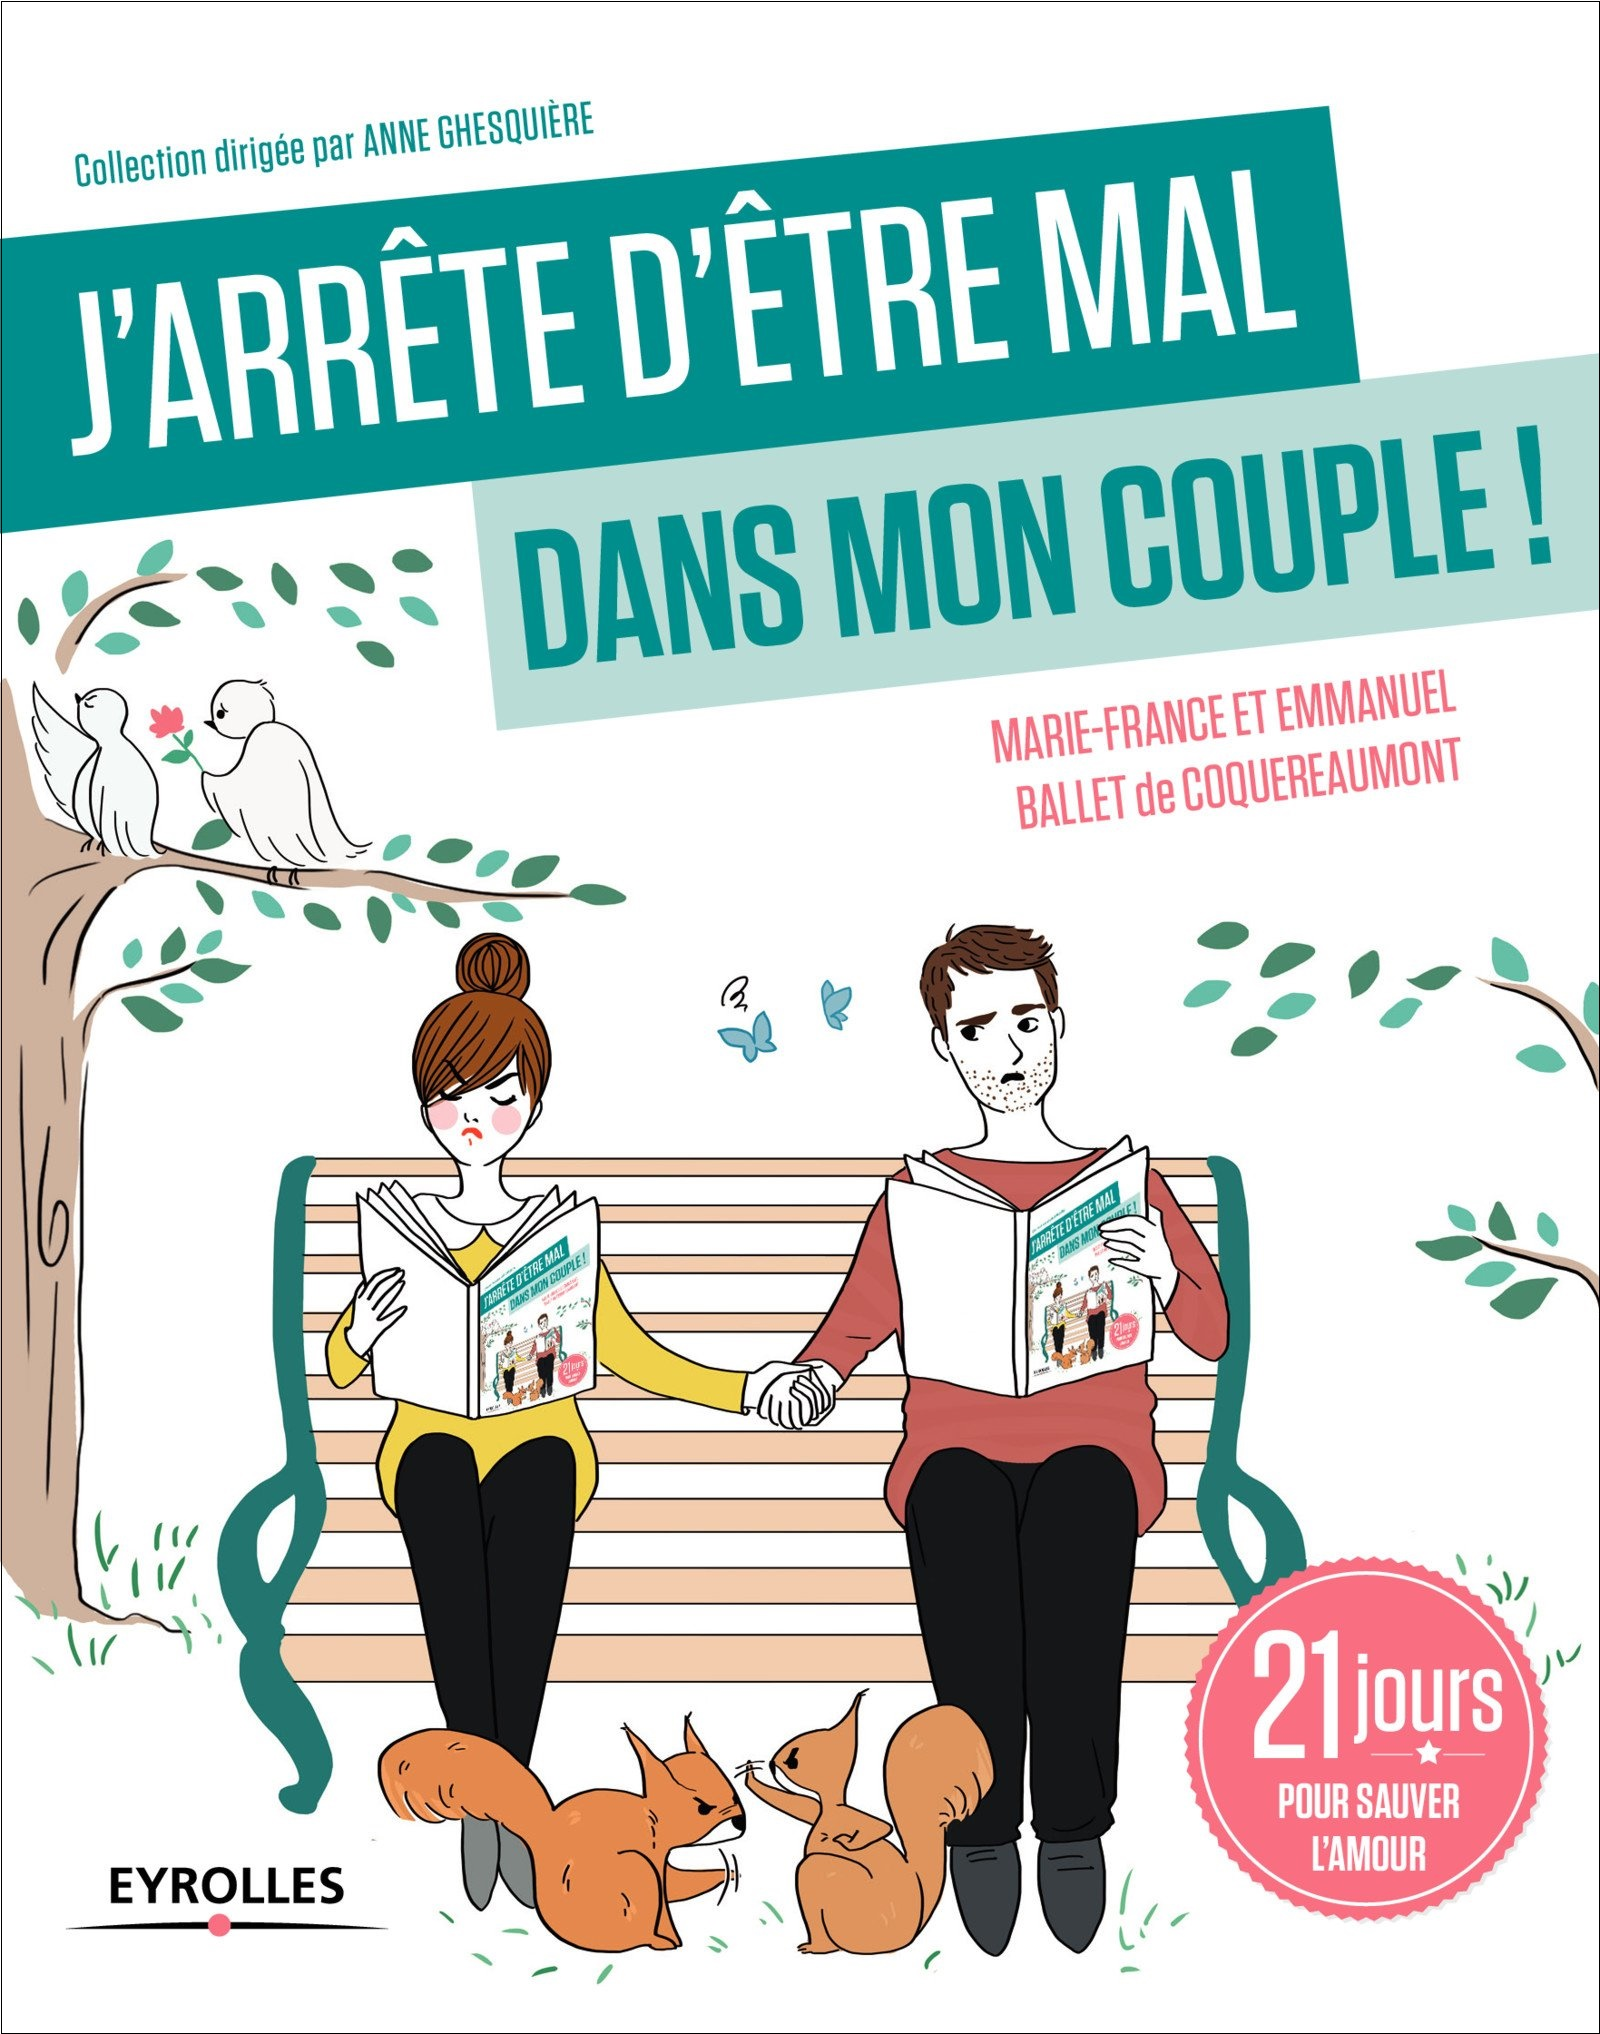 J'arrête d'être mal dans mon couple ! 21 jours pour sauver l'amour